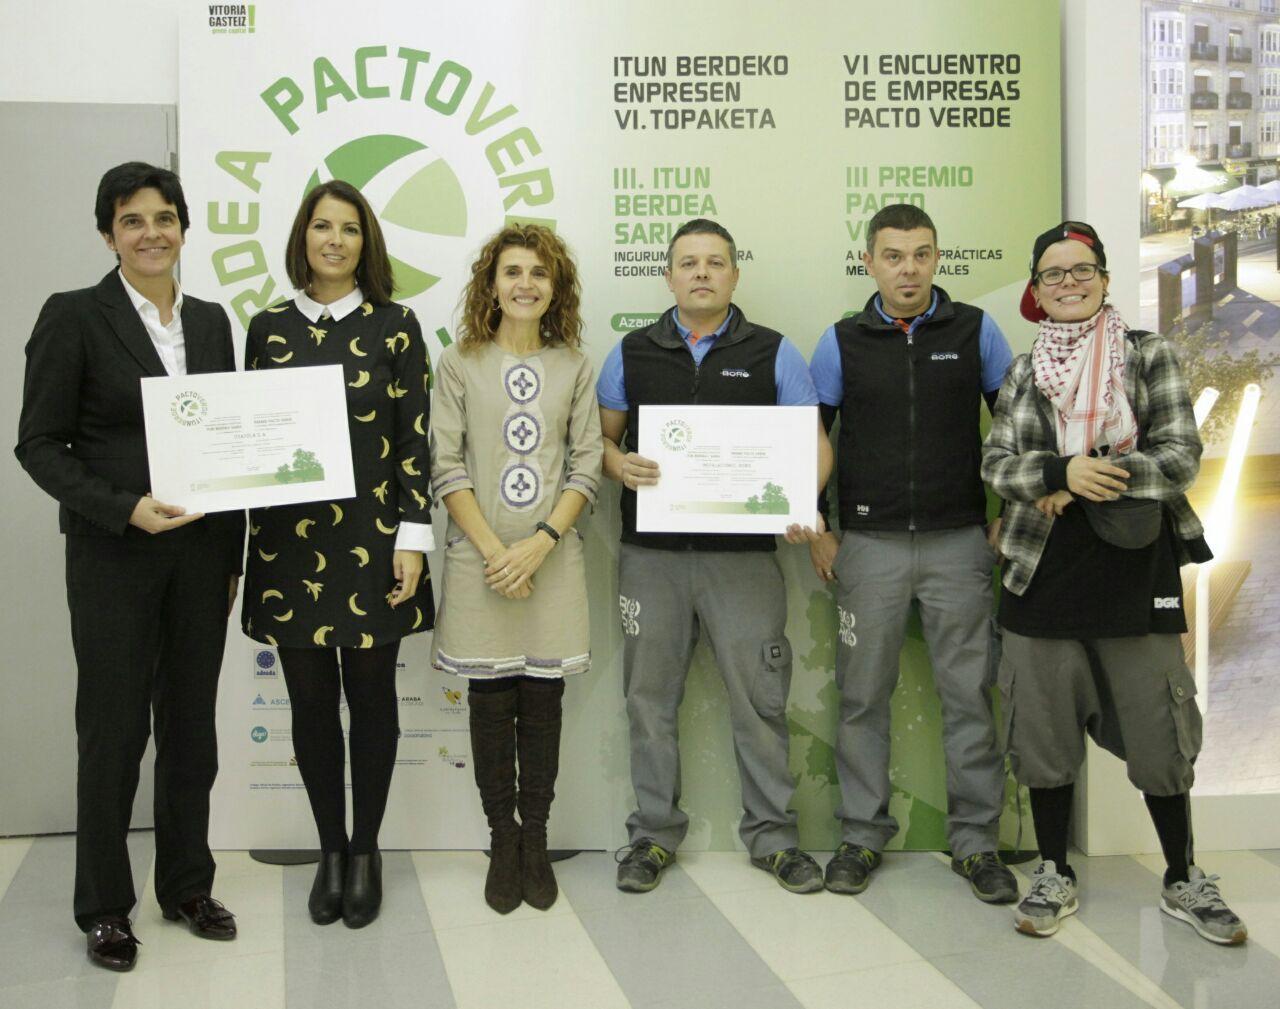 premios-pacto-verde-5